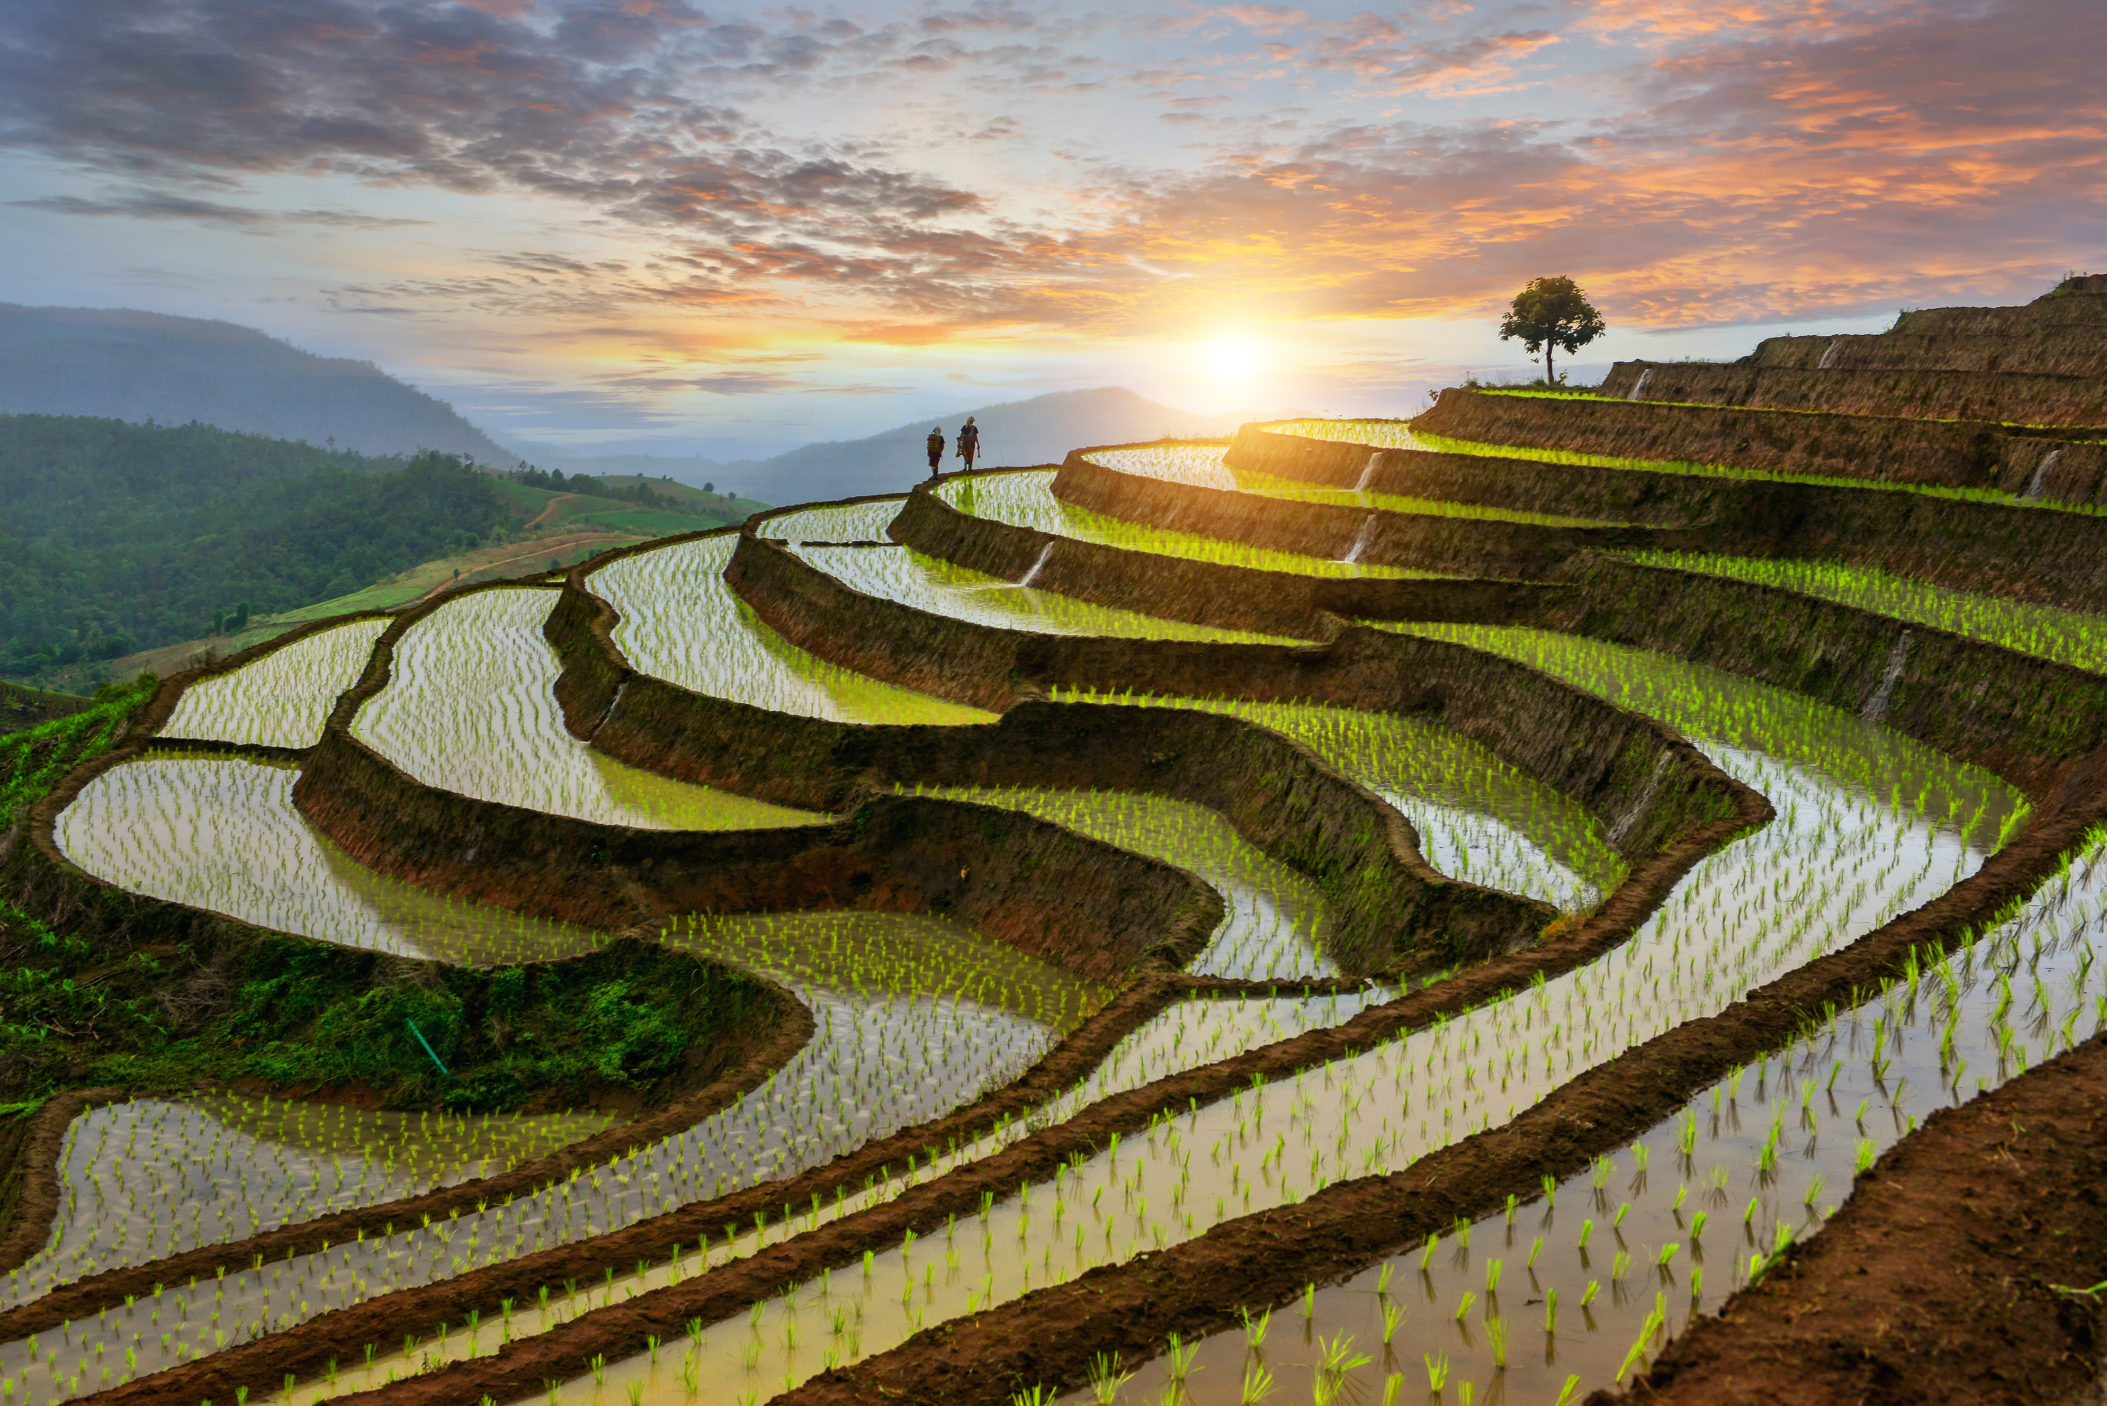 Thailand [Shutterstock]